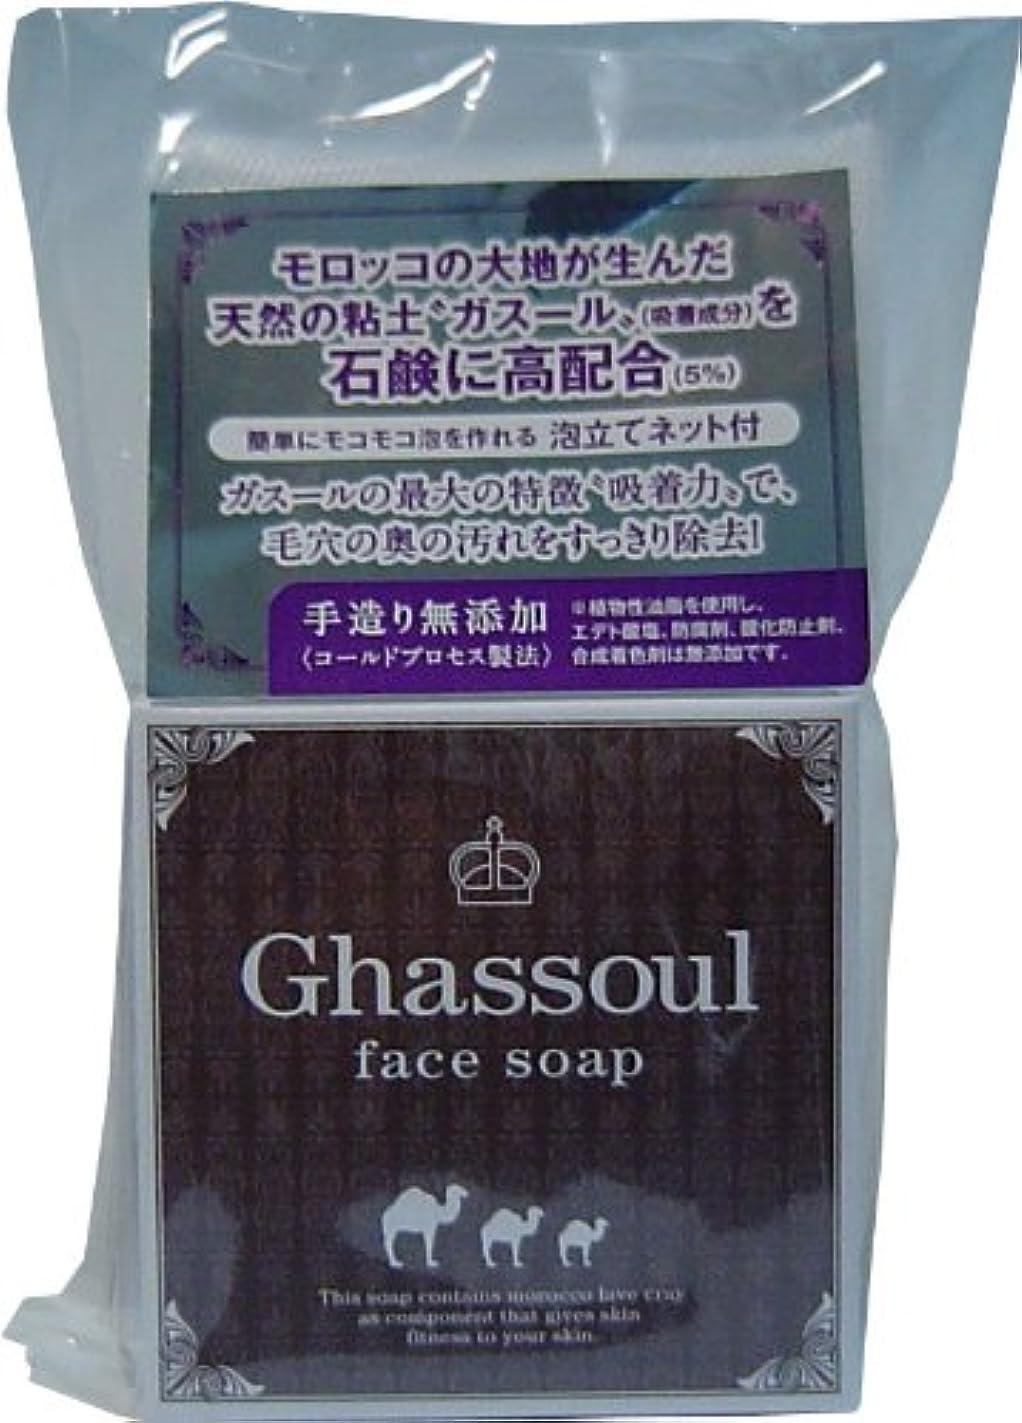 補償交じる稚魚Ghassoul face soap ガスールフェイスソープ 100g ×5個セット